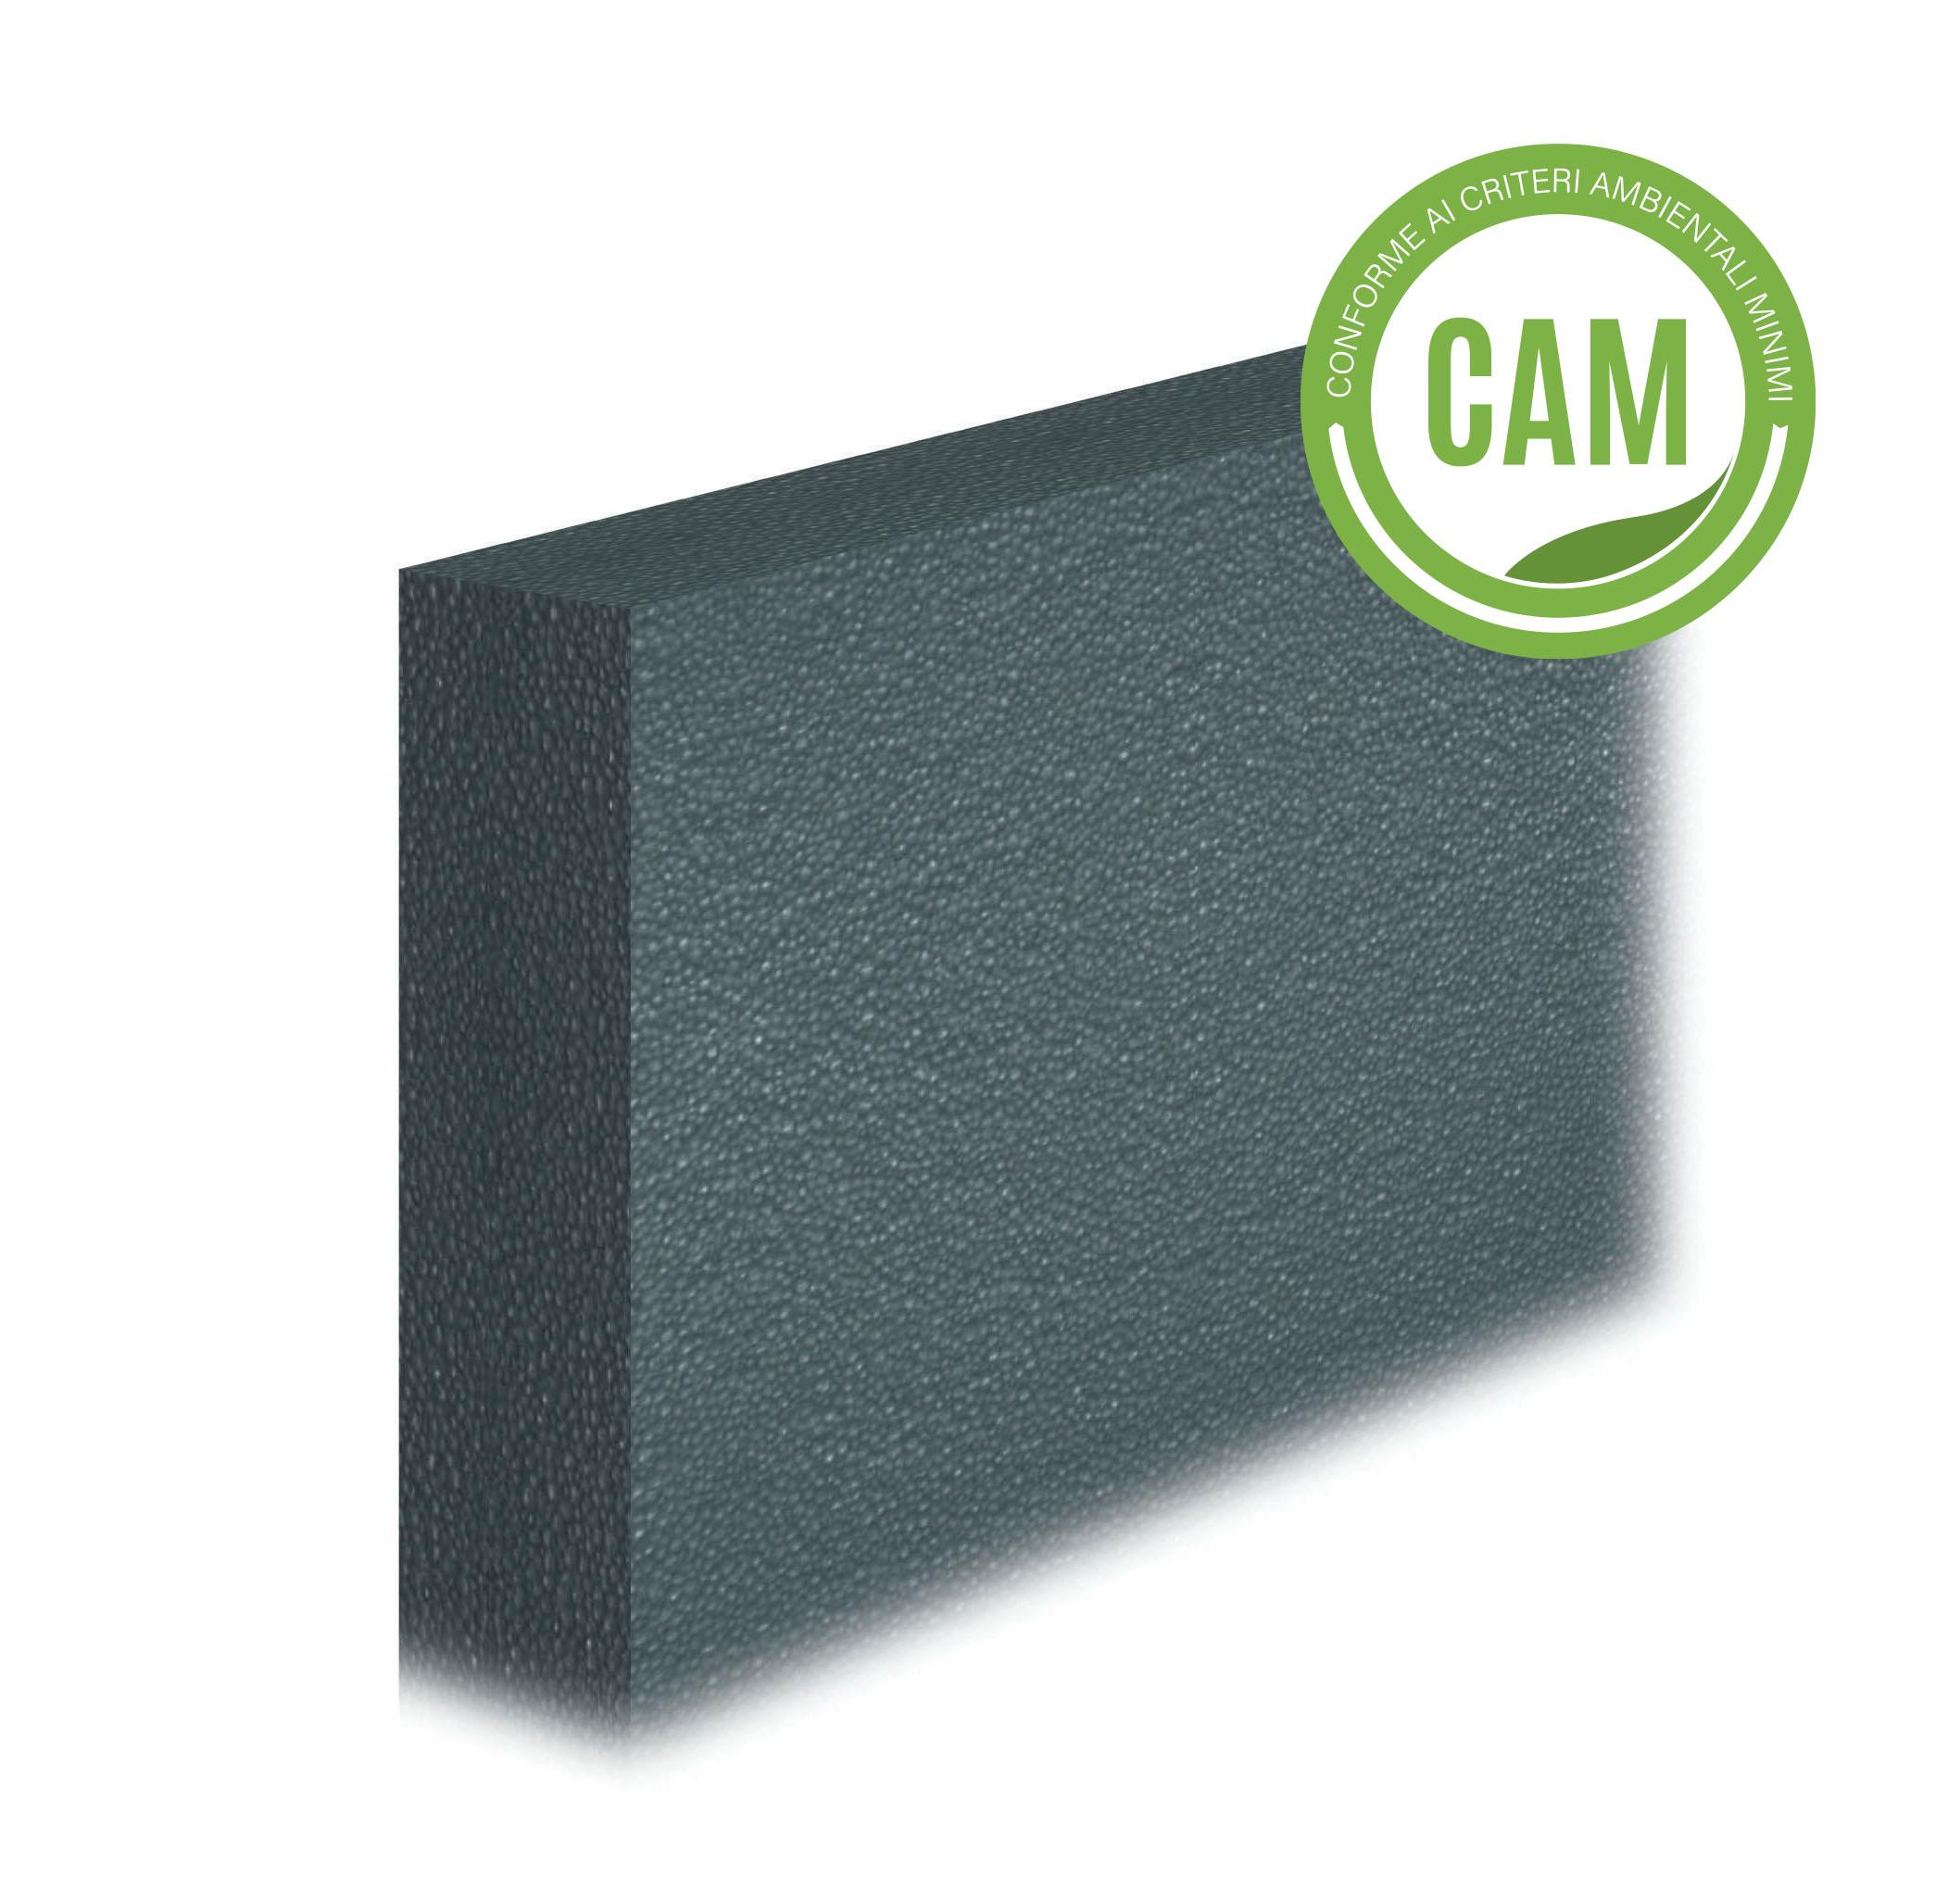 LASTRA ISOLANTE IN EPS GRAFITE 030: Lastra isolante in EPS additivato con grafite, con conducibilità termica 0.030 W/(m·K).Conforme ai CAM